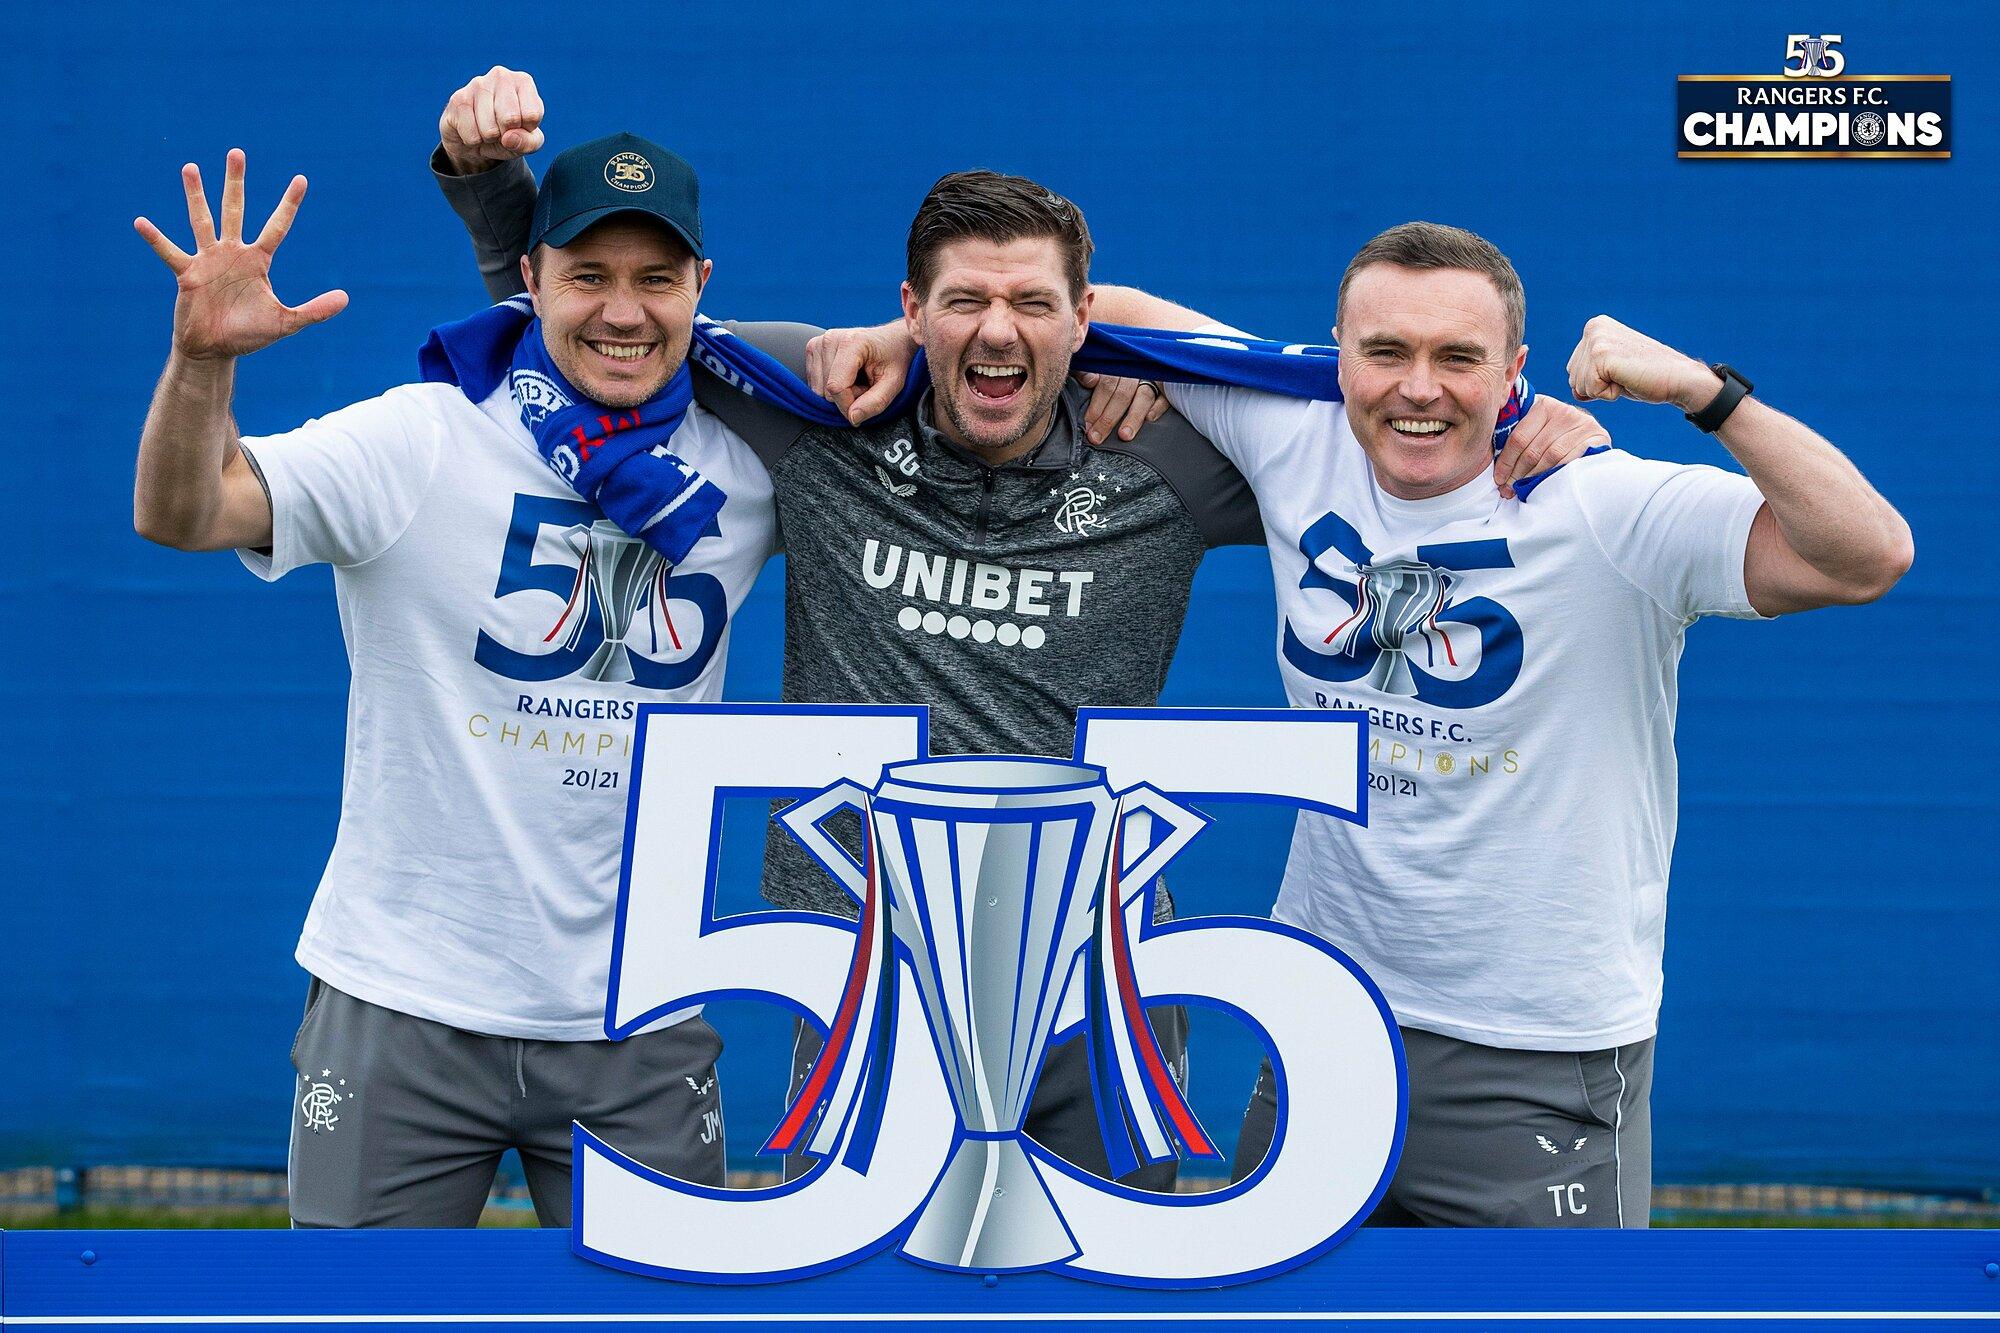 นักเรียนเจอร์ราร์ด (กลาง) และเรนเจอร์สฉลองแชมป์สก็อตแลนด์ในวันที่ 8/3  ภาพ: Rangers FC